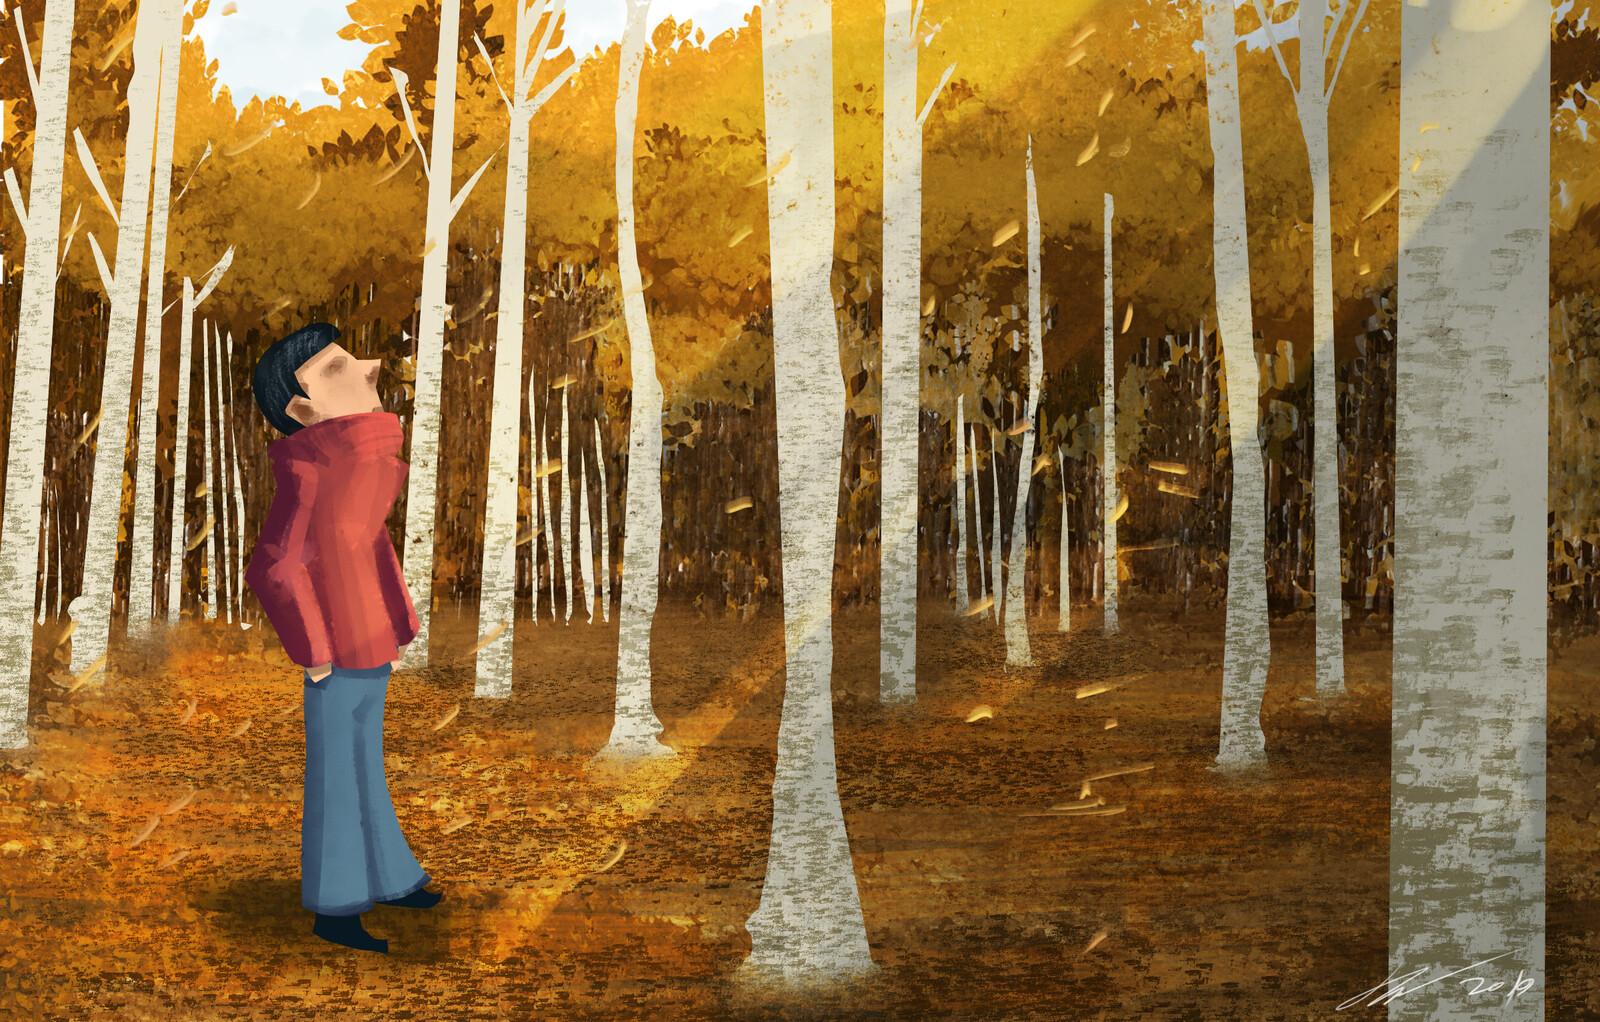 Autumn's Memories